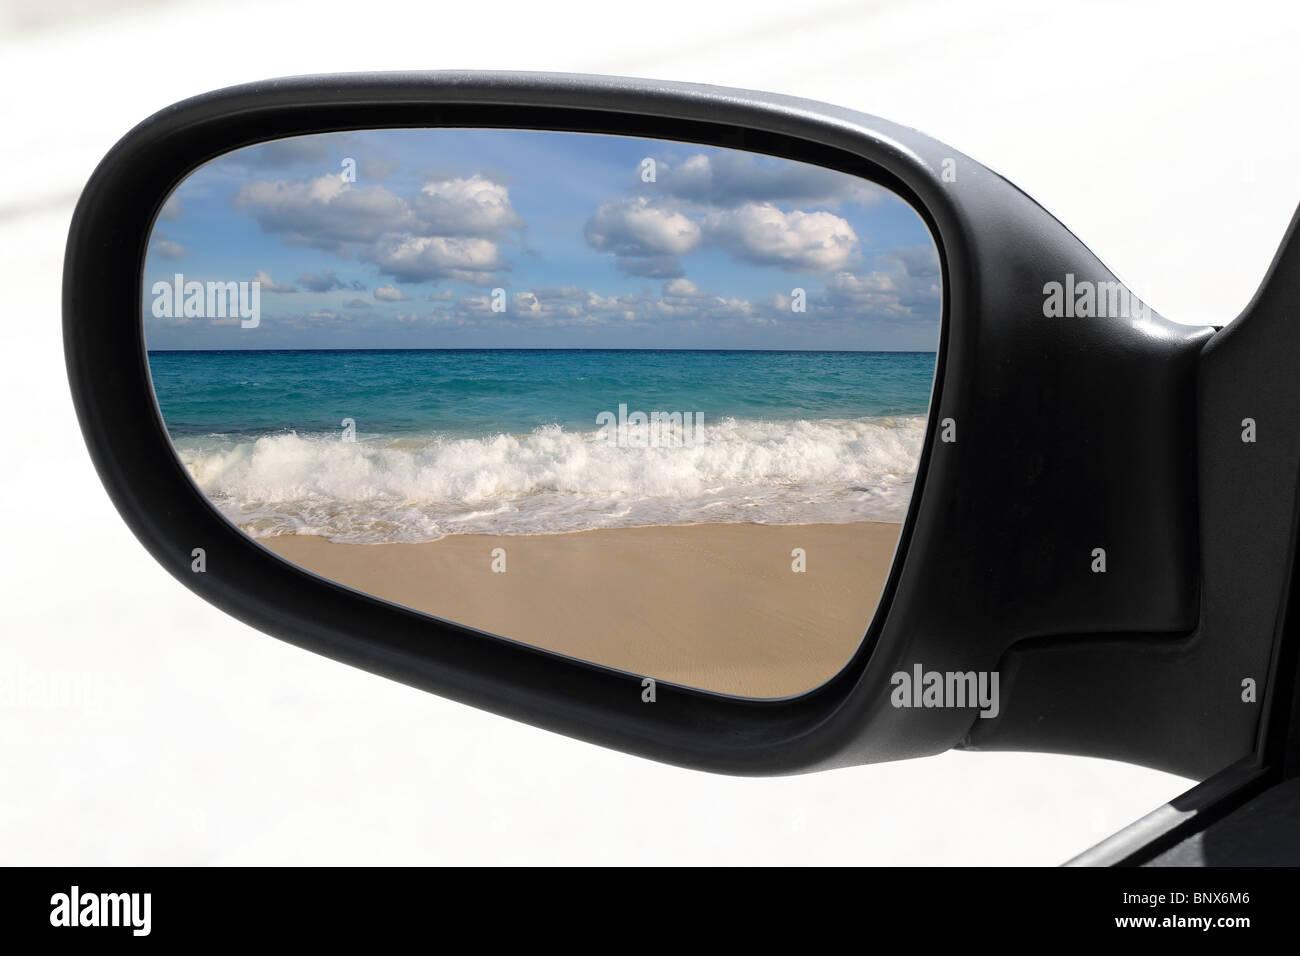 Specchietto di guida auto mirror view tropicali dei Caraibi turchese del mare spiaggia Immagini Stock